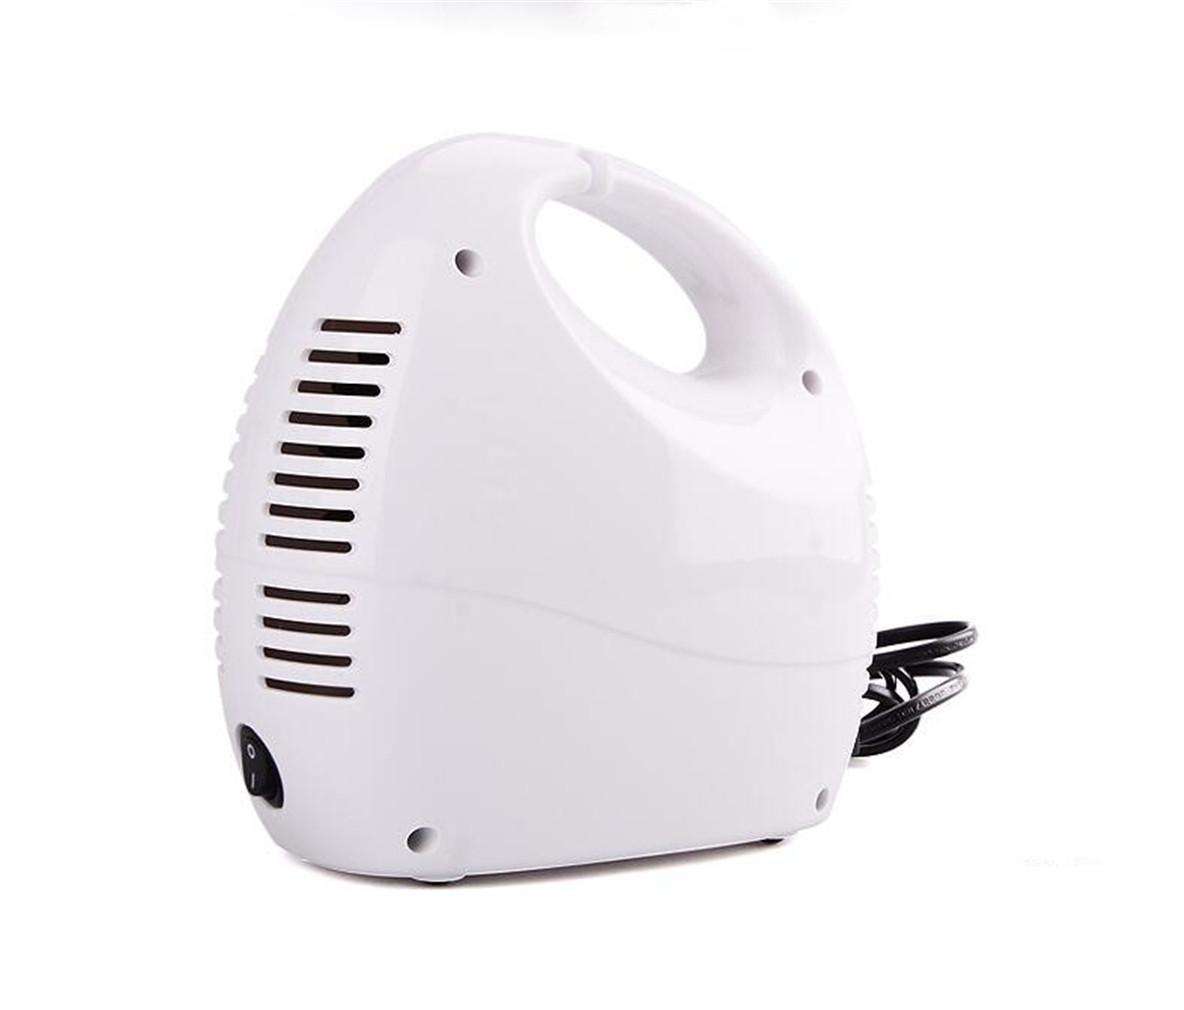 LY-JFSZ Tratamiento inhalador nebulizador hogar ajustable niebla ancianos adultos: Amazon.es: Salud y cuidado personal